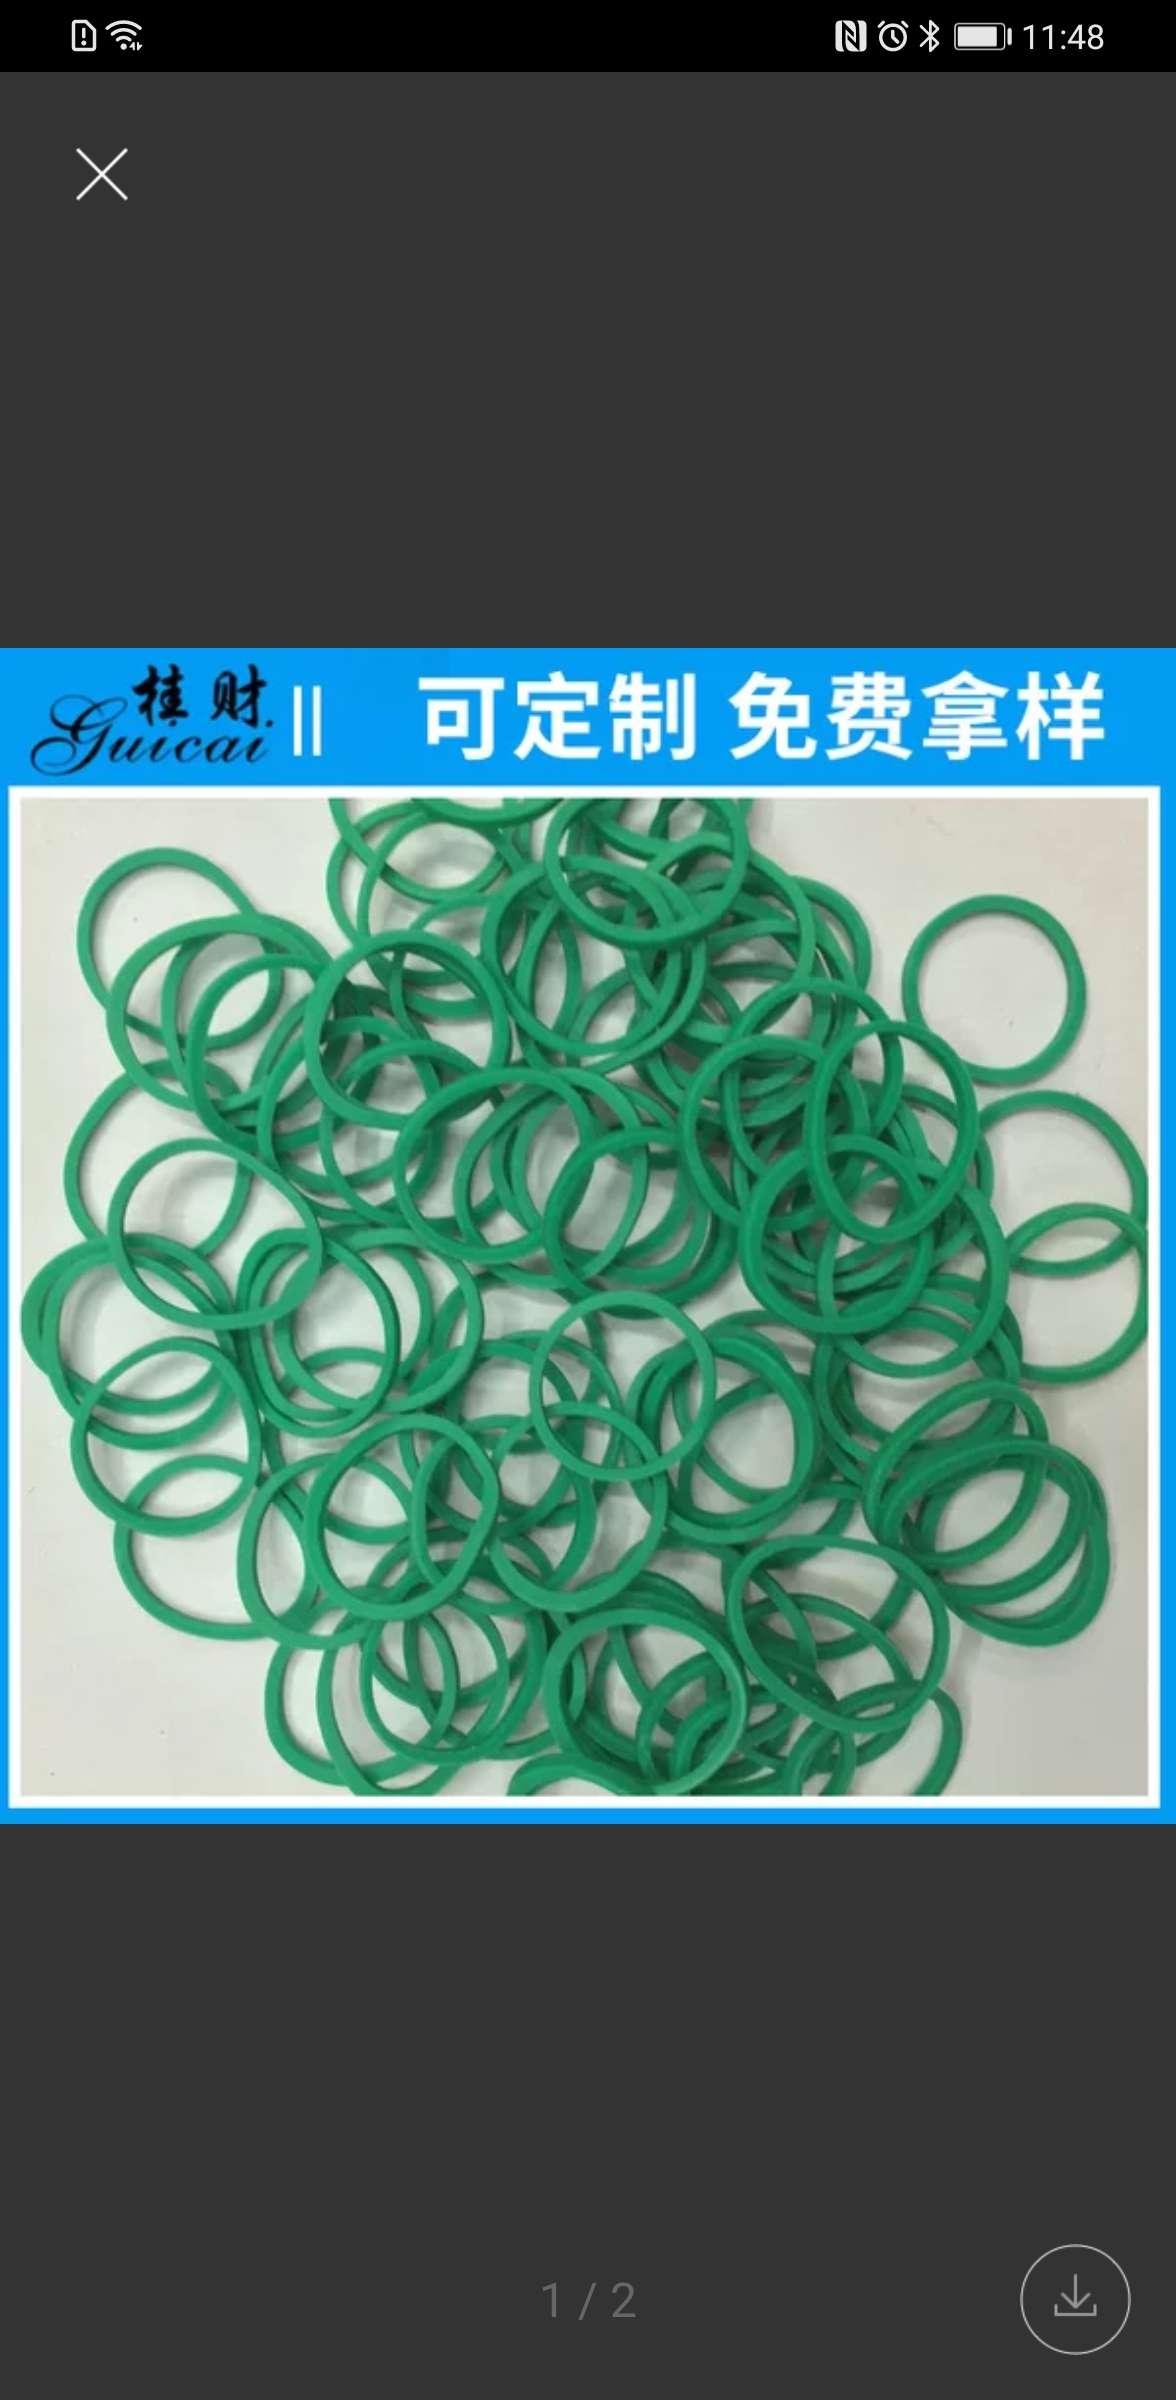 桂财原装无油06AA彩色绿色橡皮筋橡胶圈牛皮筋现货厂家直销防老化